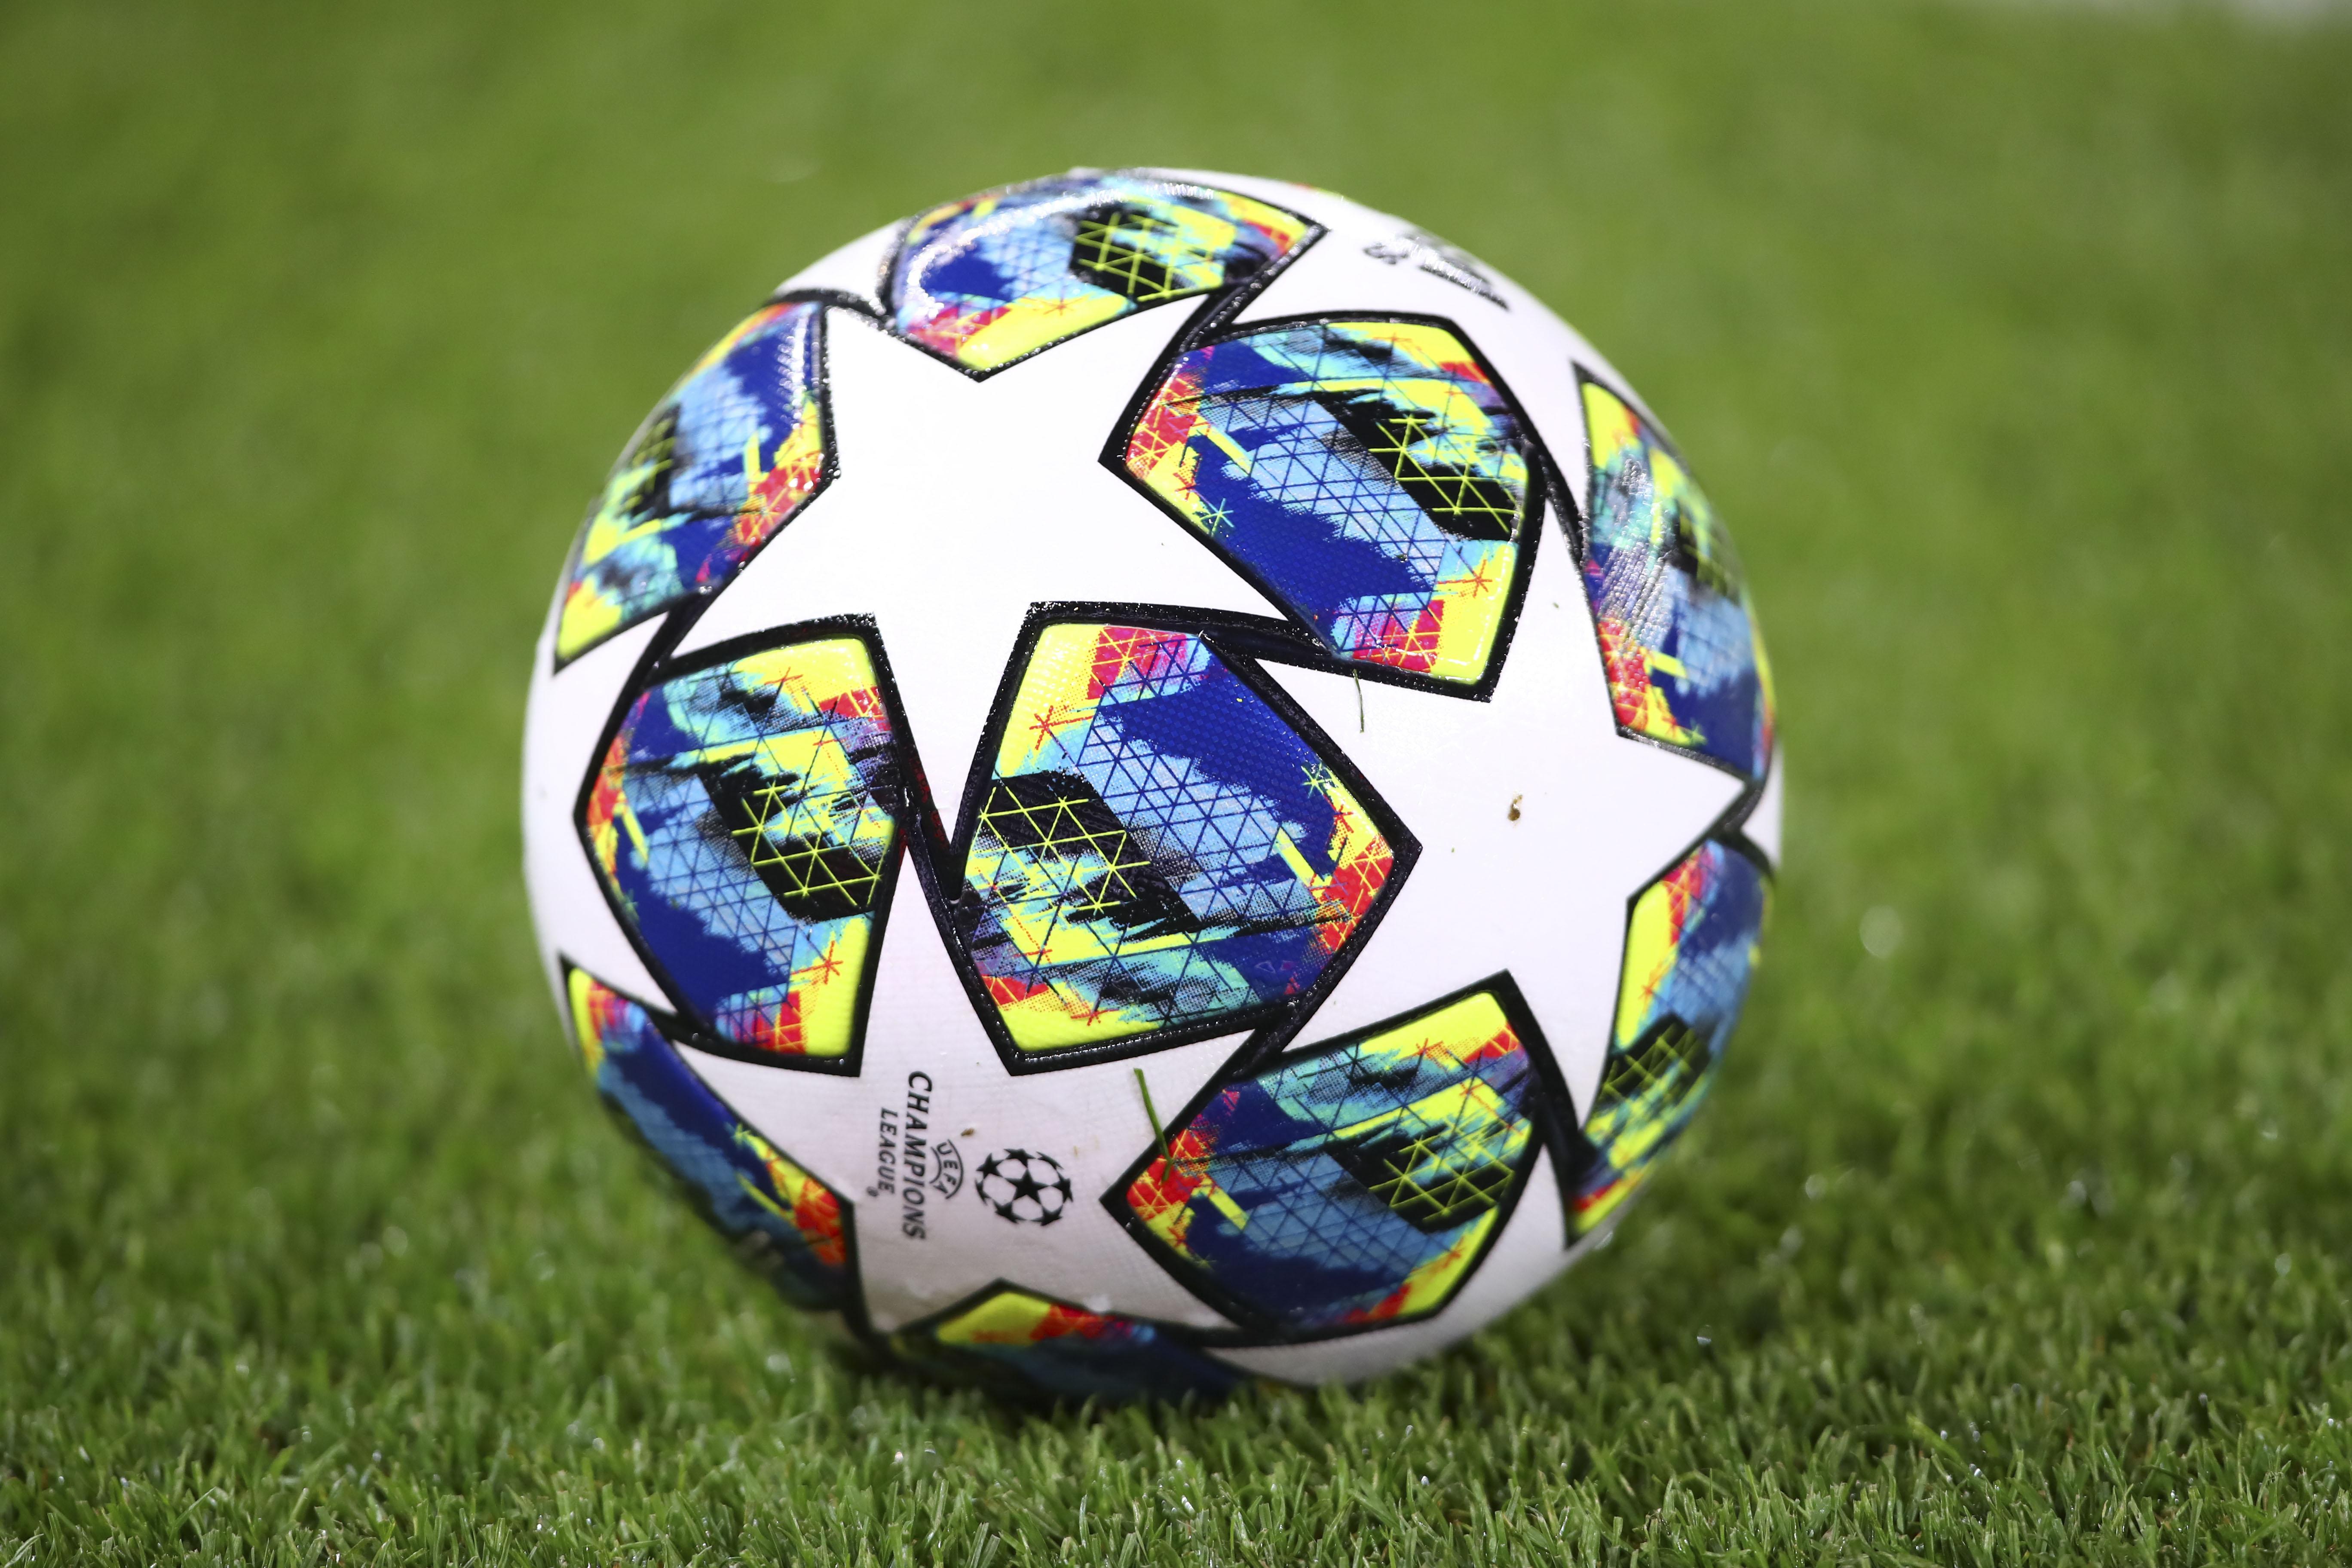 Football - Ligue des champions - Coronavirus: Ligue des champions suspendue et l'Euro 2020 décalé en 2021 ?